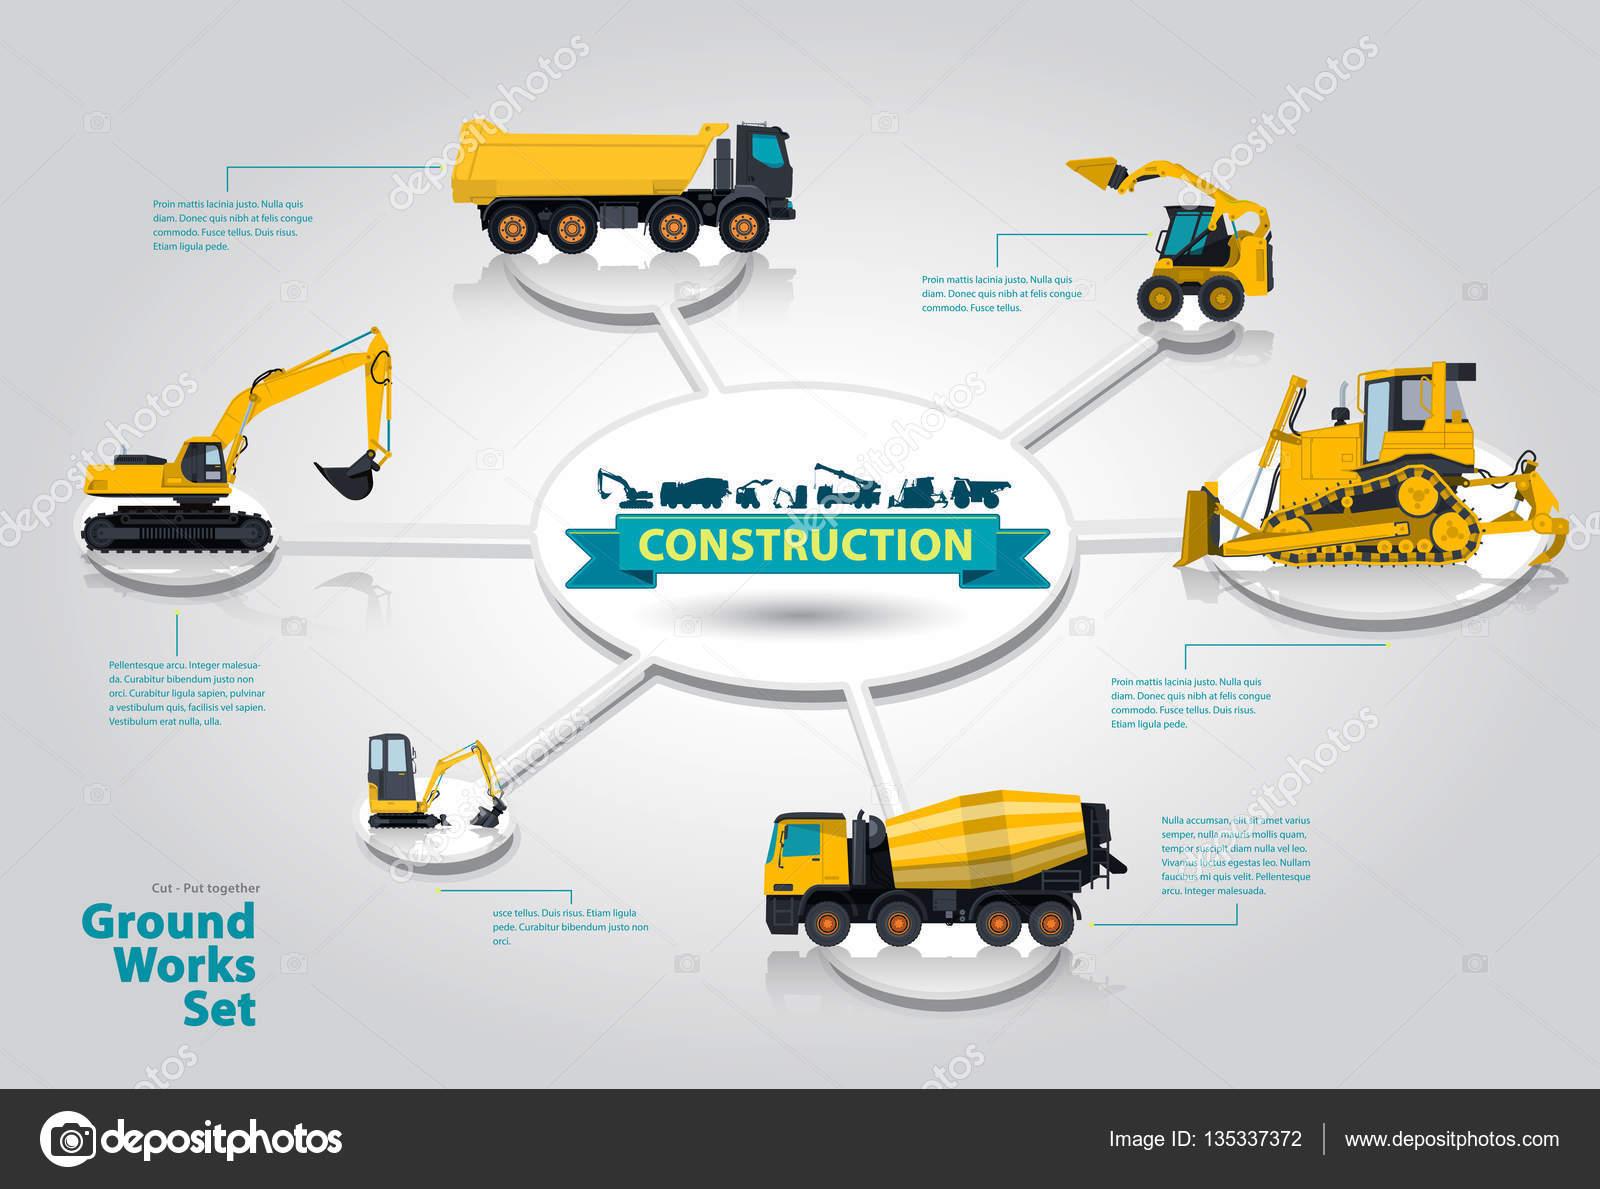 Macchinario di costruzione grafica isometrica macchinario for Programma di costruzione per la costruzione di una casa